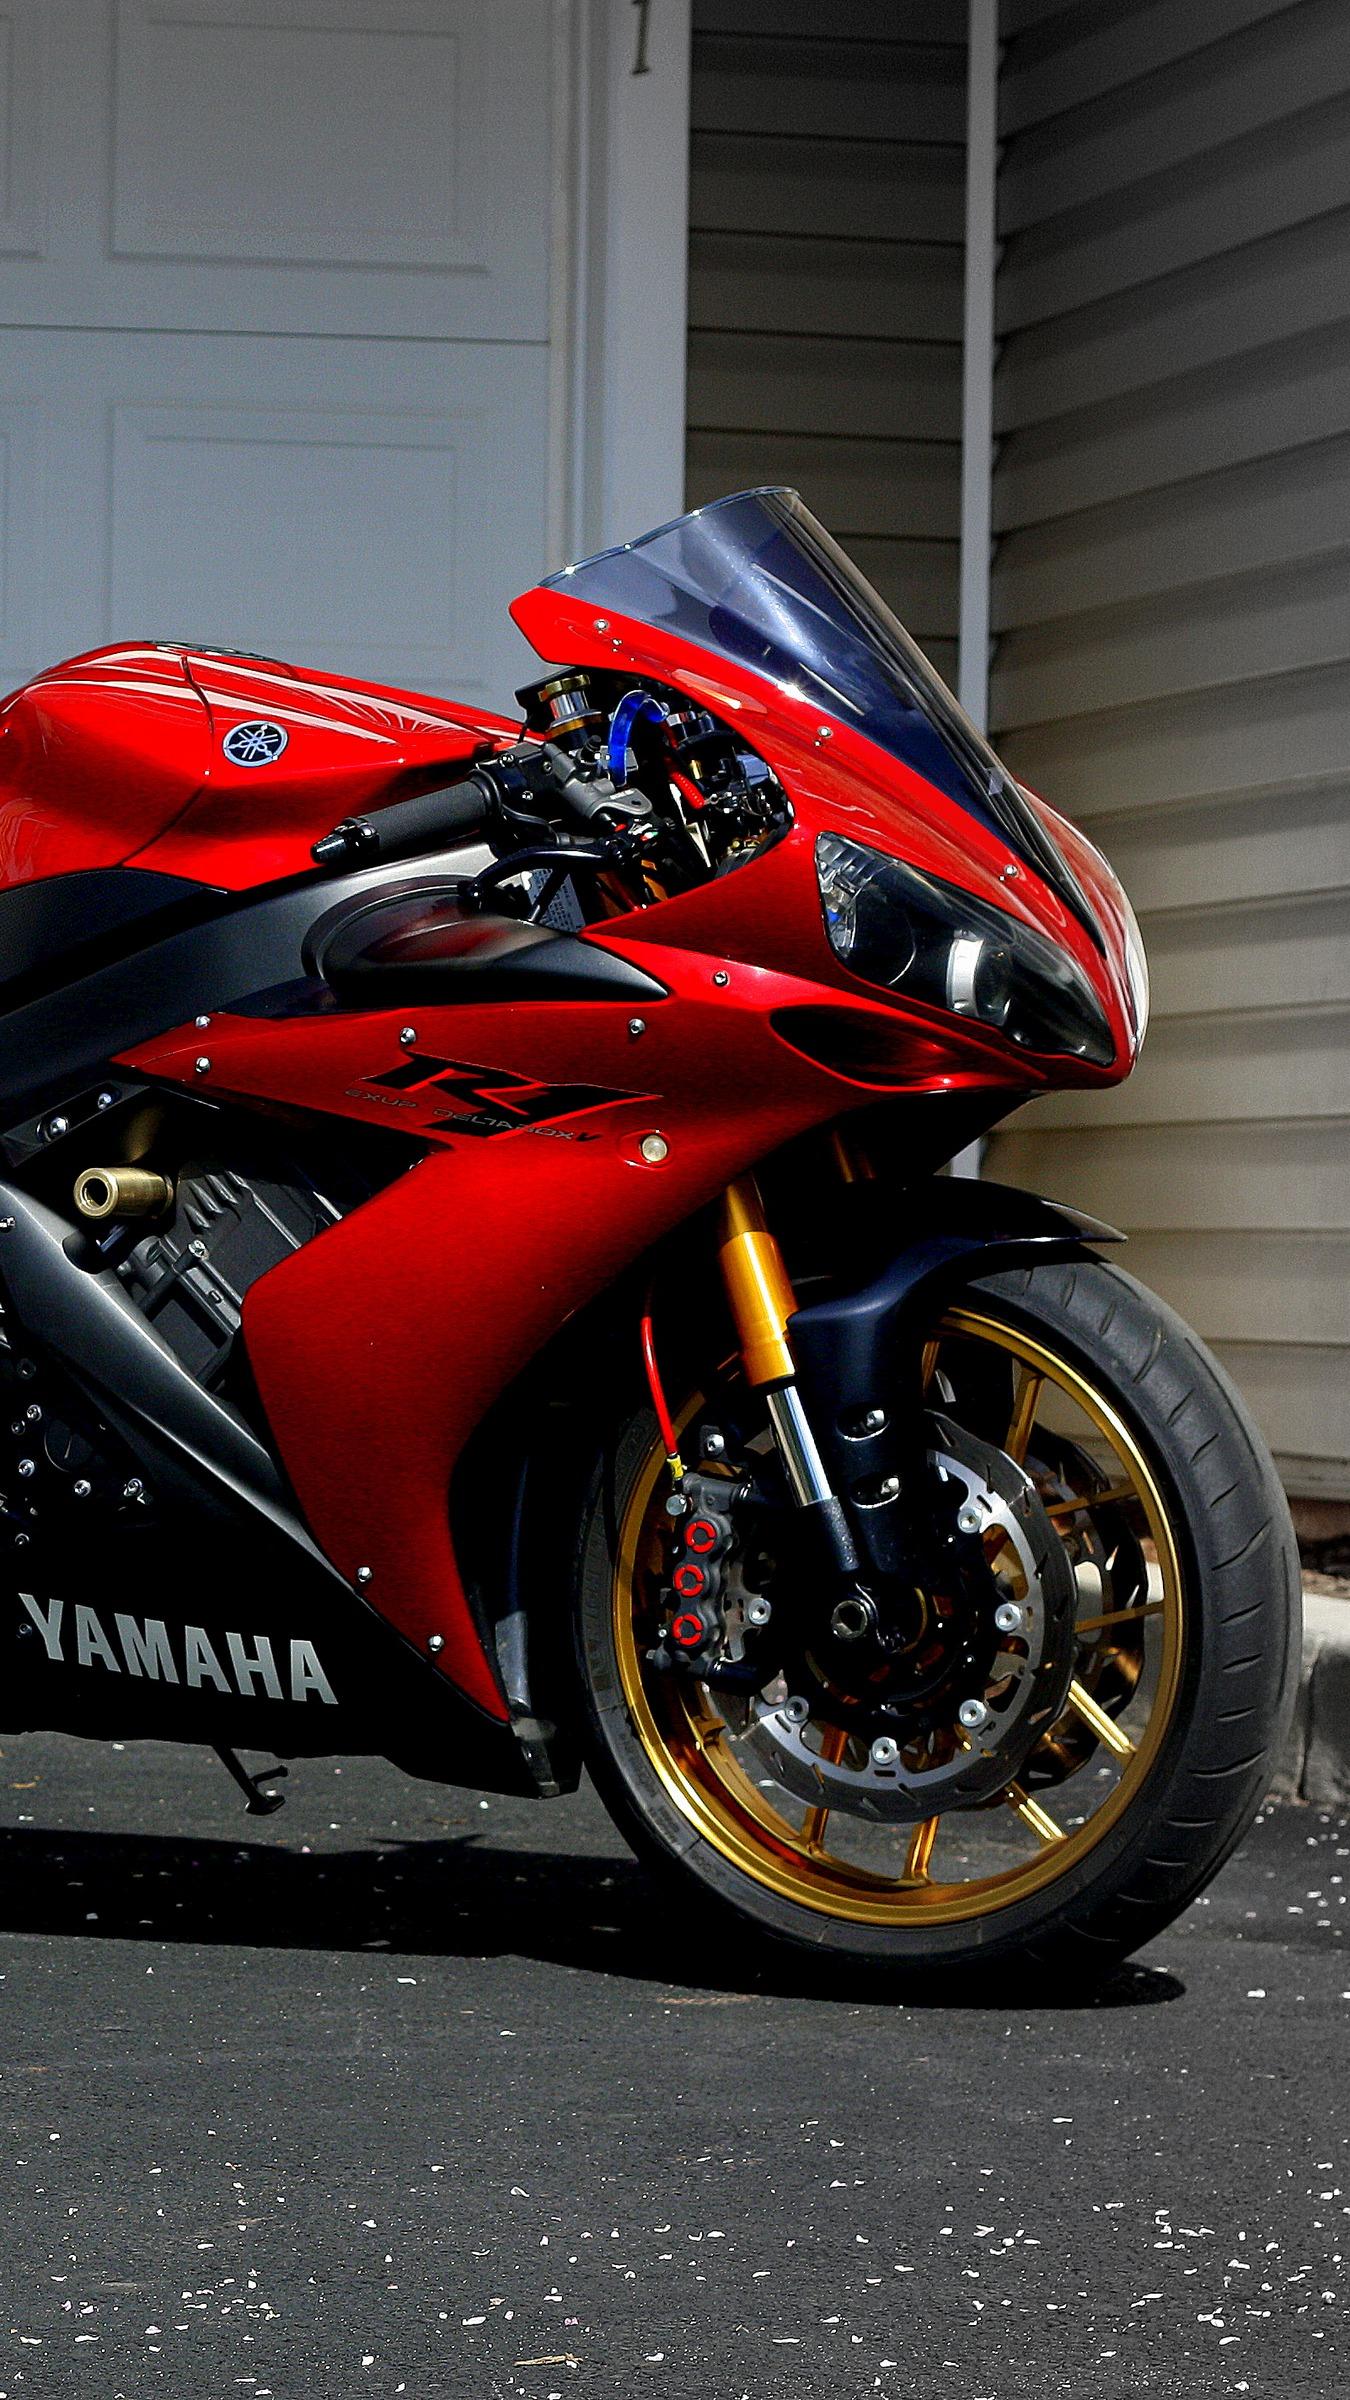 Yamaha R1 Wallpapers Posted By Sarah Mercado